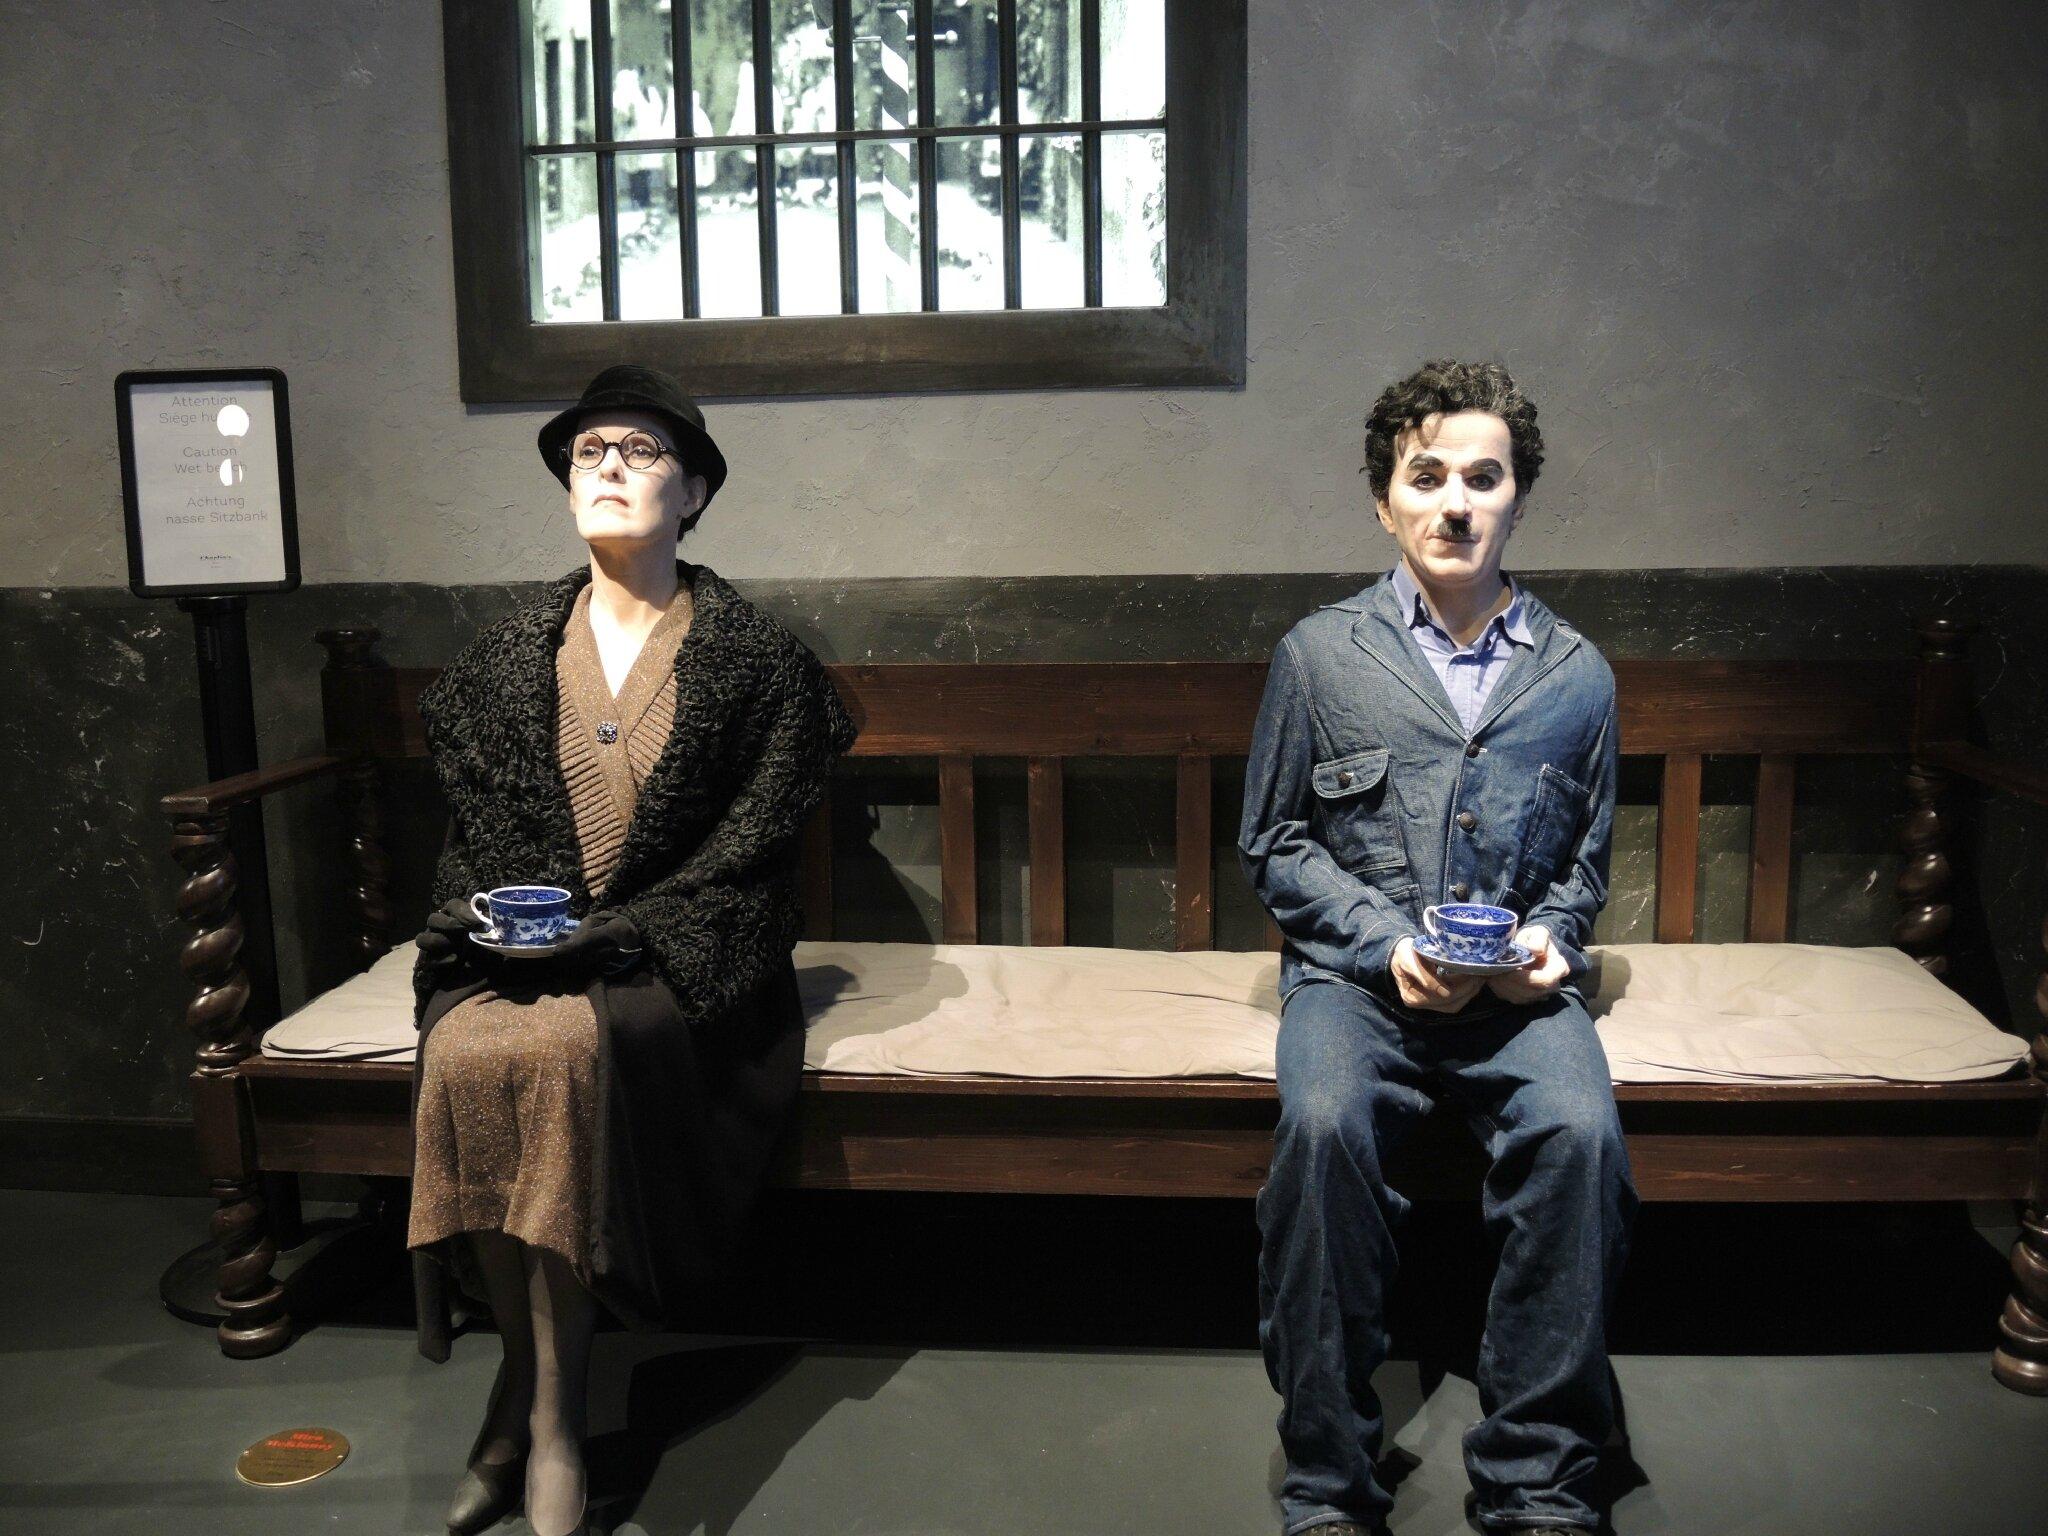 Corsier-sur-Vevey, Chaplin's world, le Studio, les temps modernes avec Mira McKinney (Suisse)